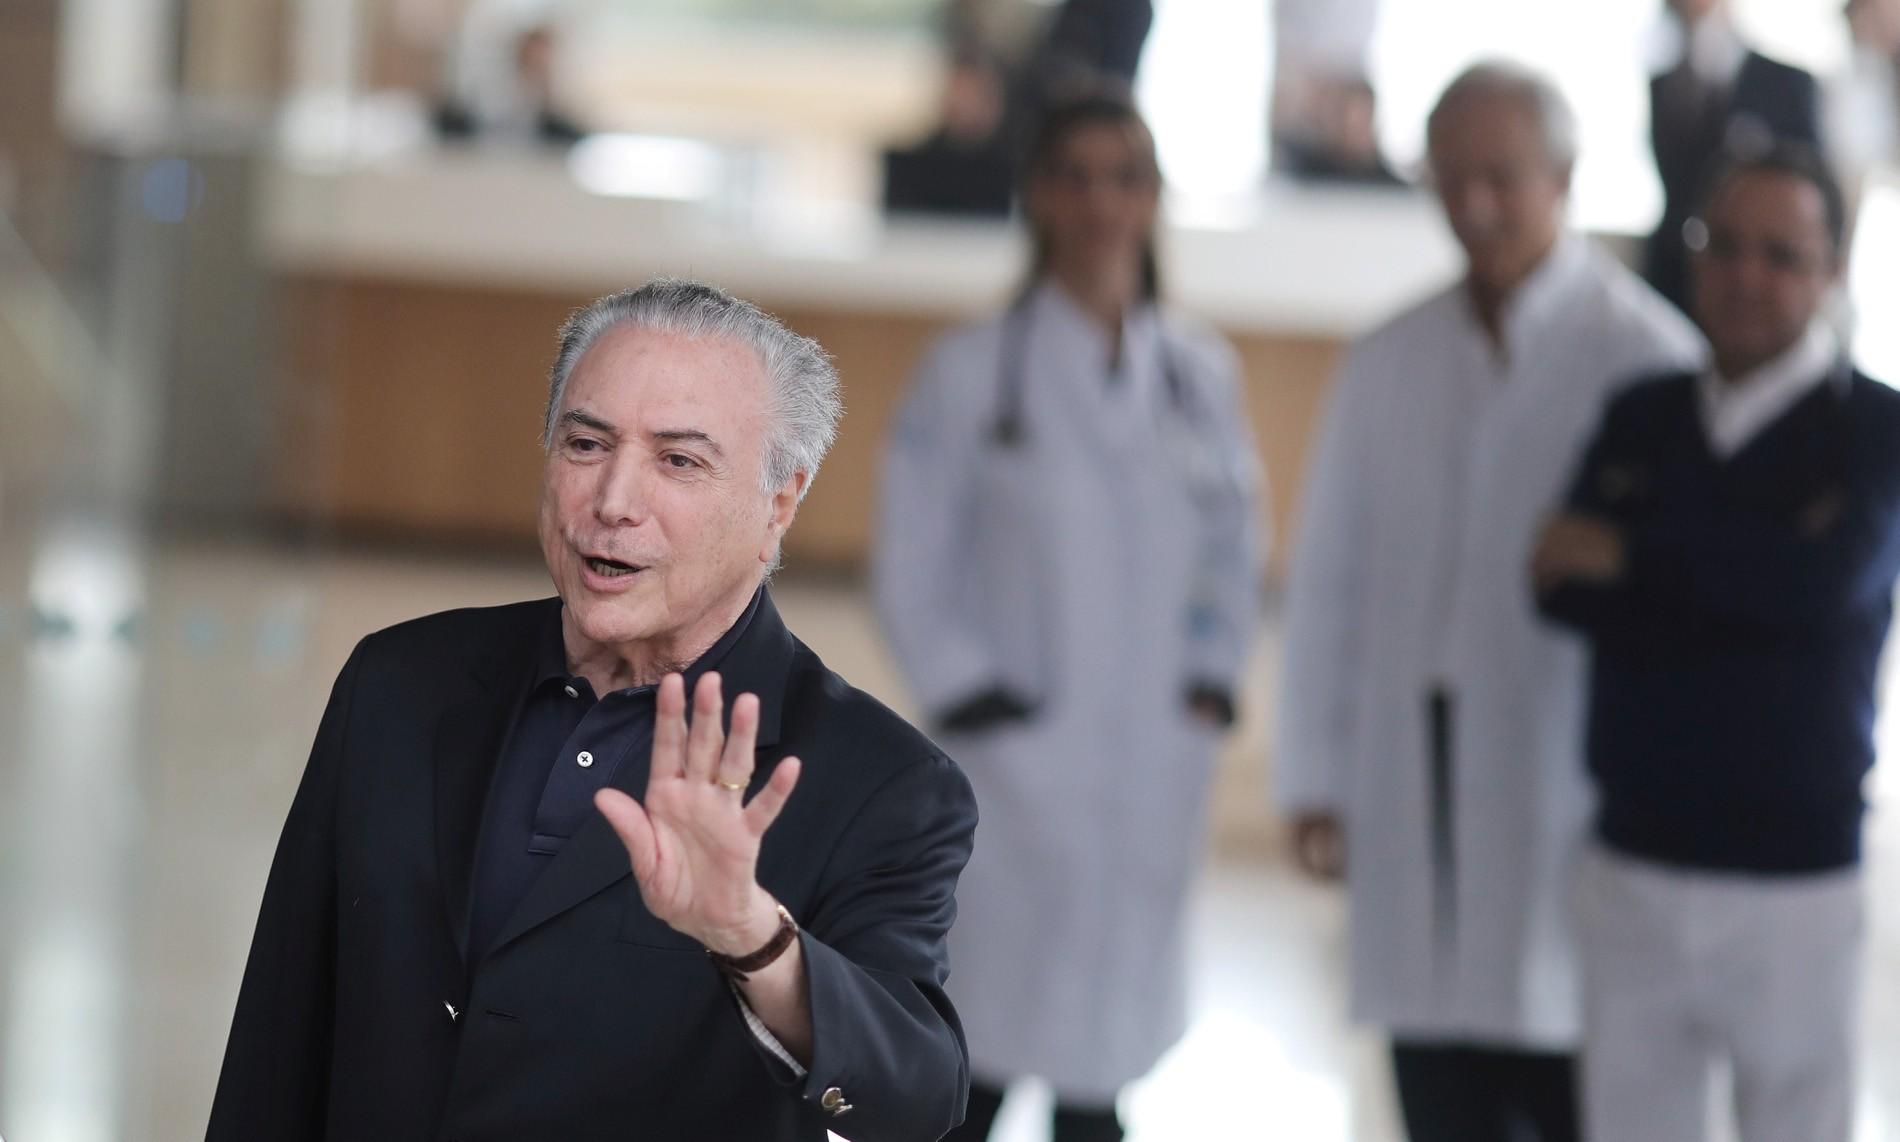 Planalto anuncia que Temer irá a São Paulo nesta quarta para fazer 'revisão urológica'